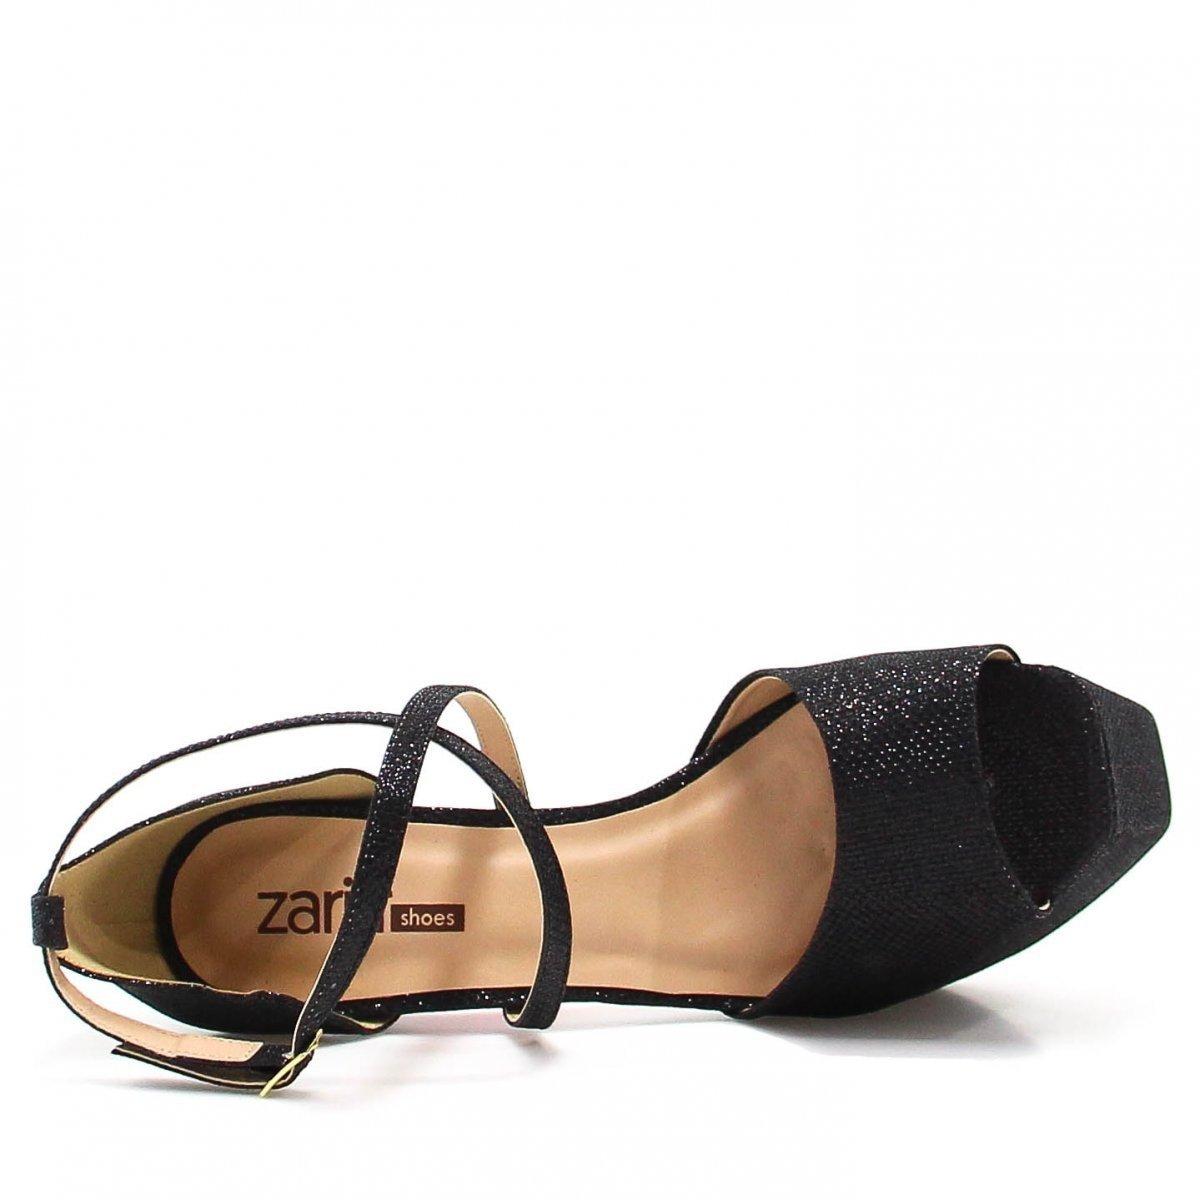 Brilho Sandália Zariff Preto Shoes Zariff Pata Sandália Meia UFzgPqCw